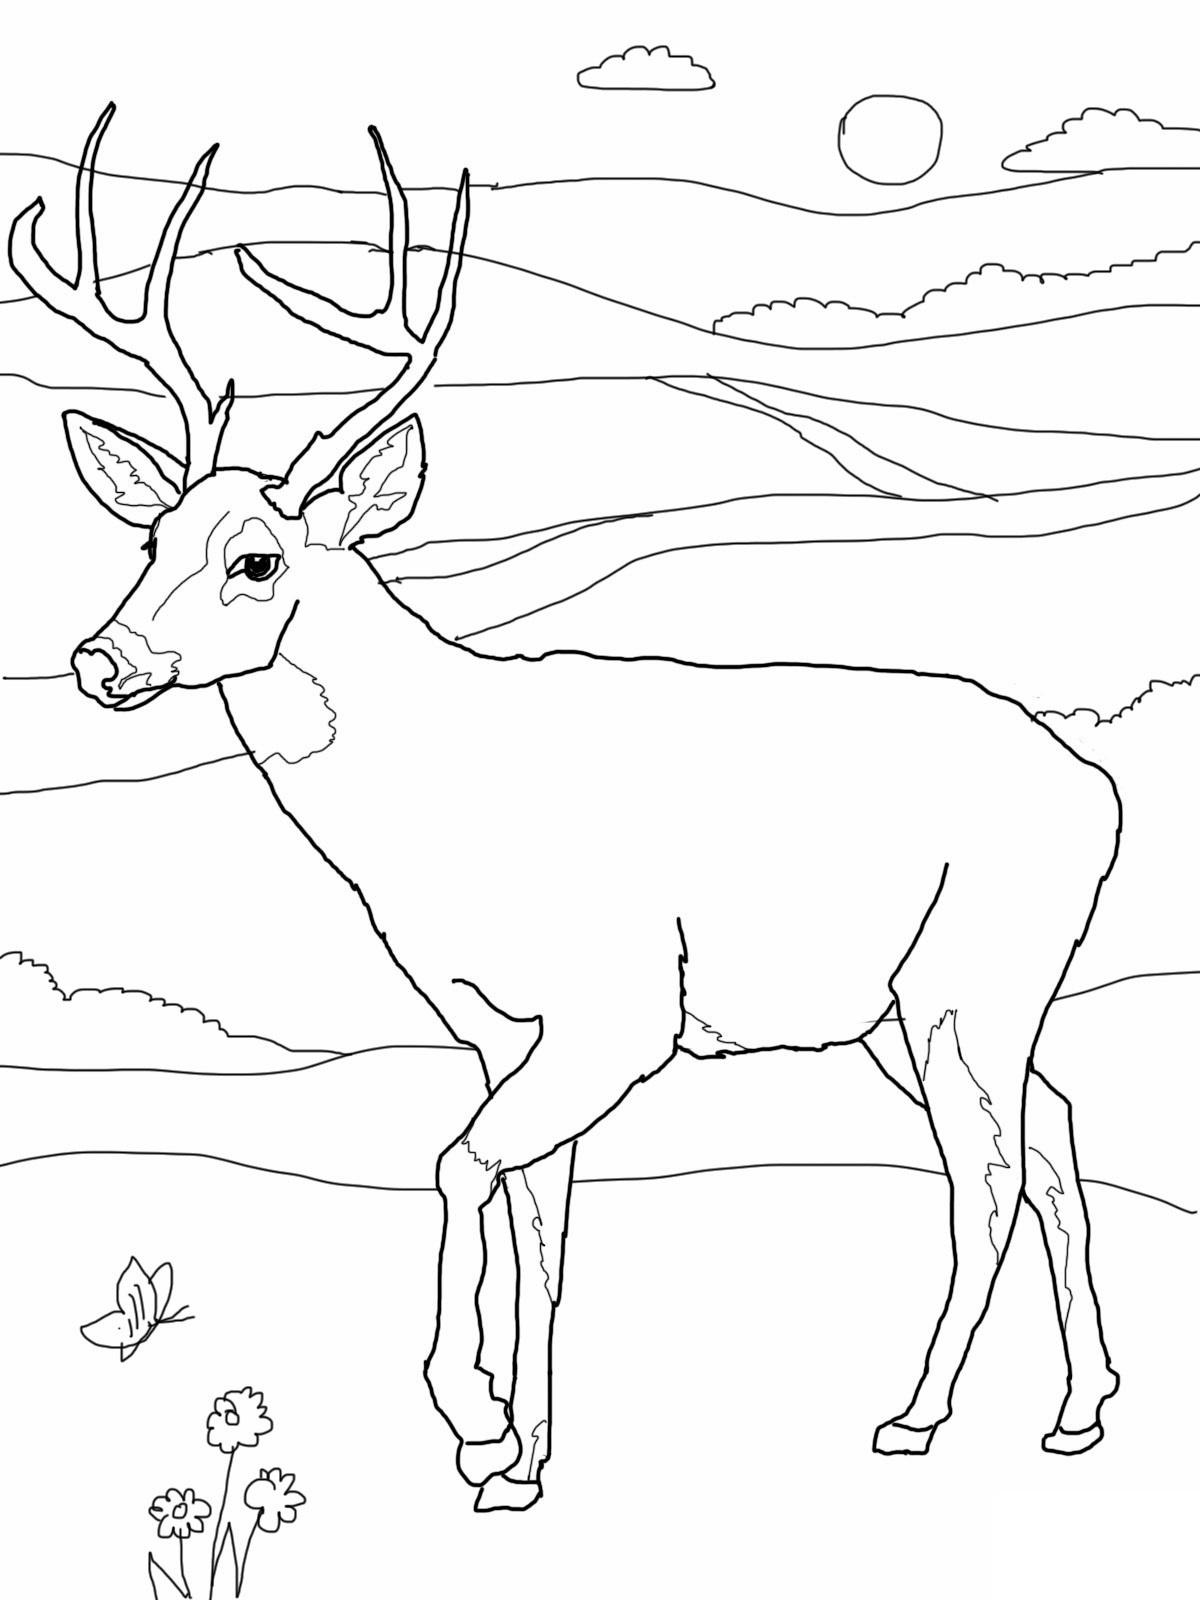 Coloring Pages Of Deer Hunting - Bltidm